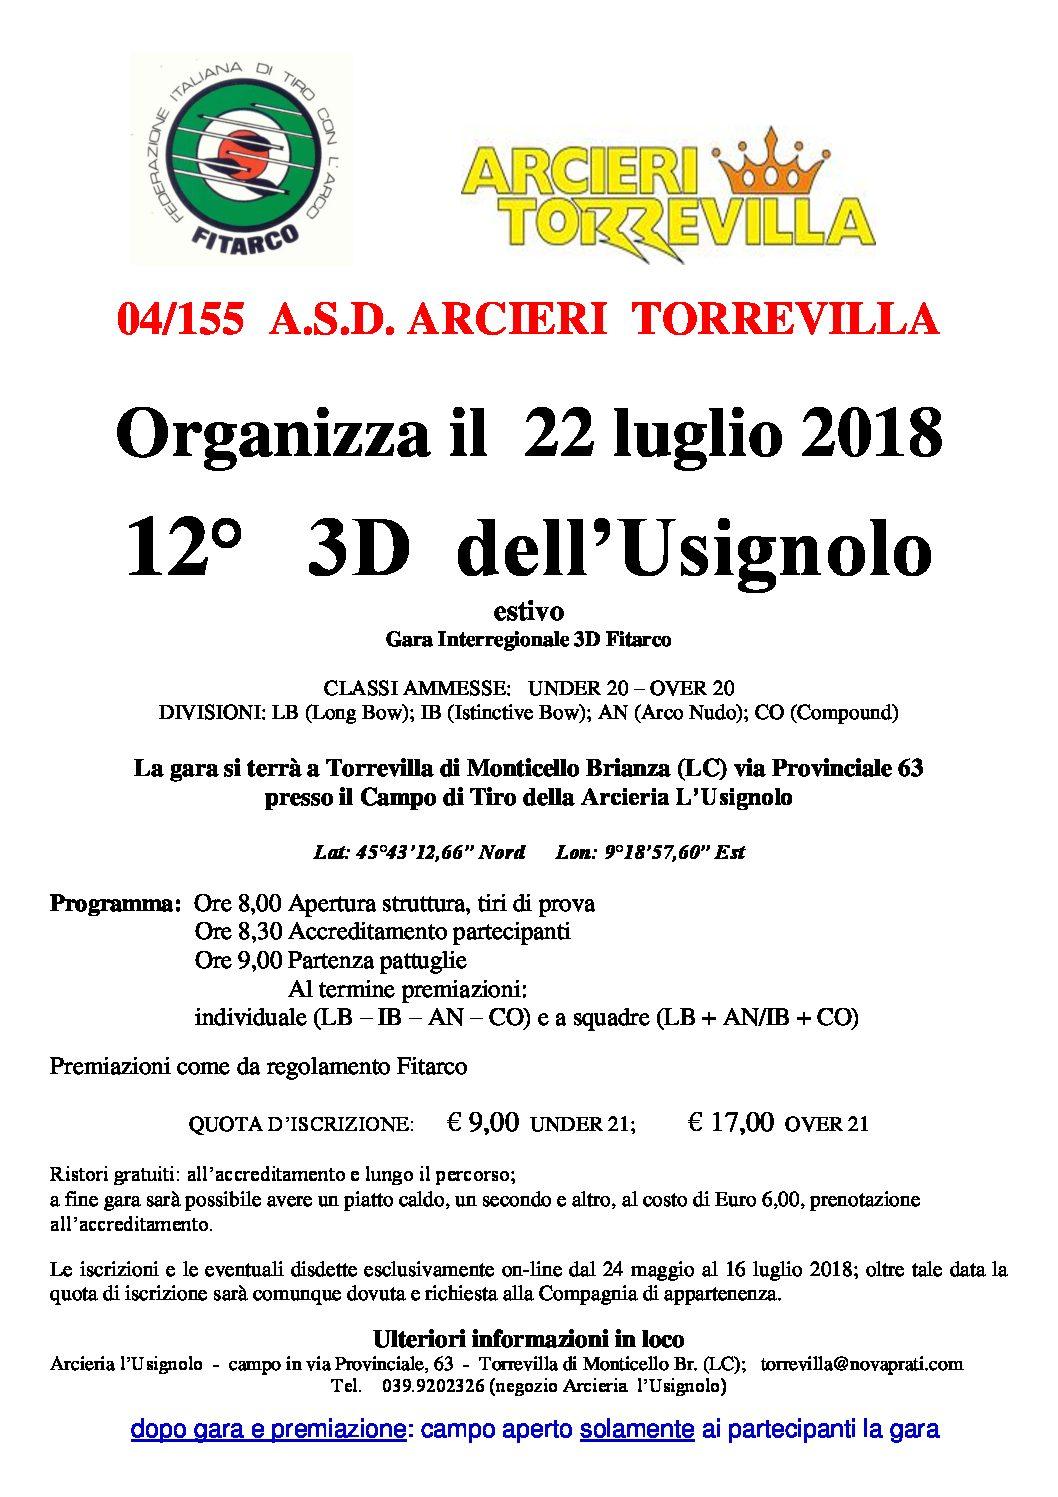 Calendario Gare Fitarco.12 Gara Ufficiale Fitarco 3d Dell Usignolo Arcieri